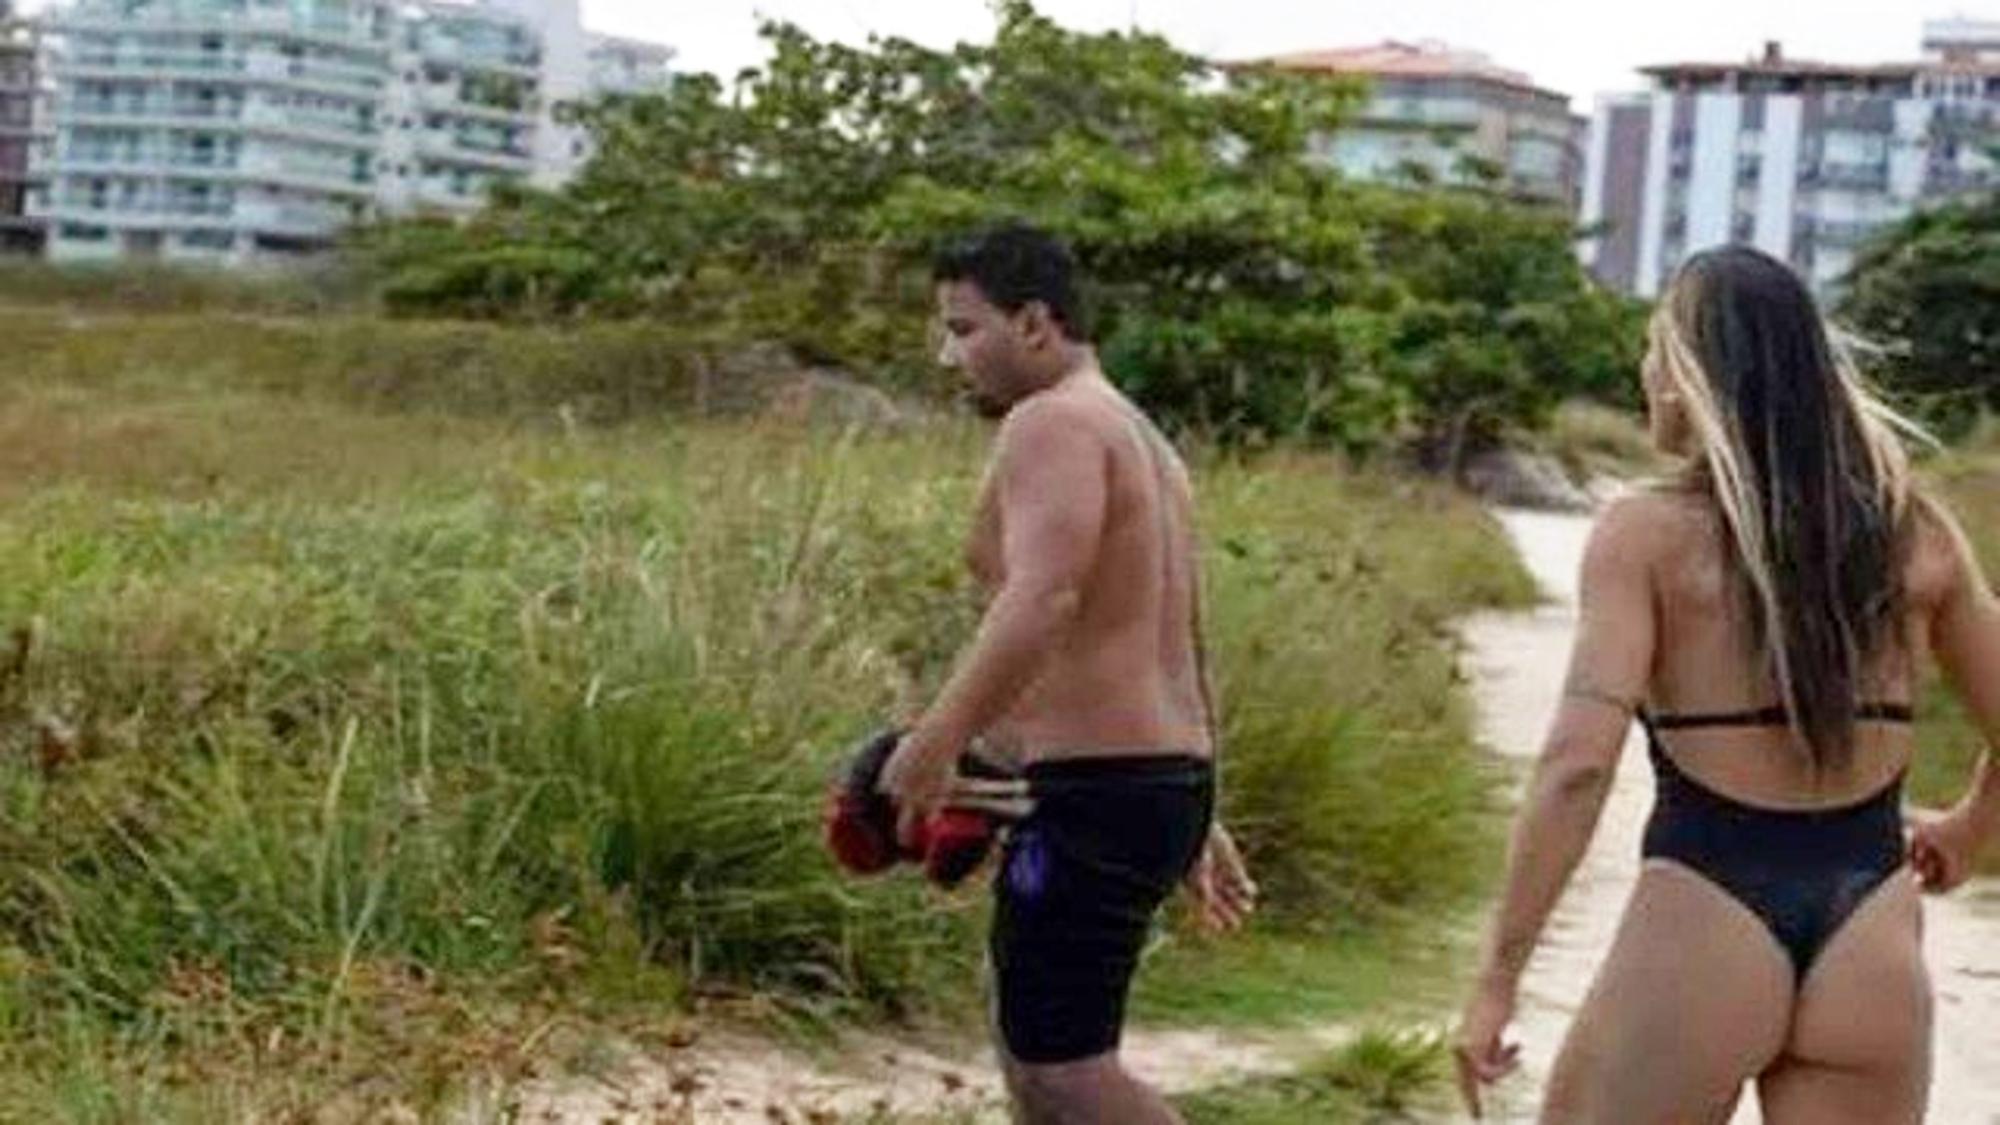 Josenei Viana Ferreira claimed he was urinating before Vieira approached him